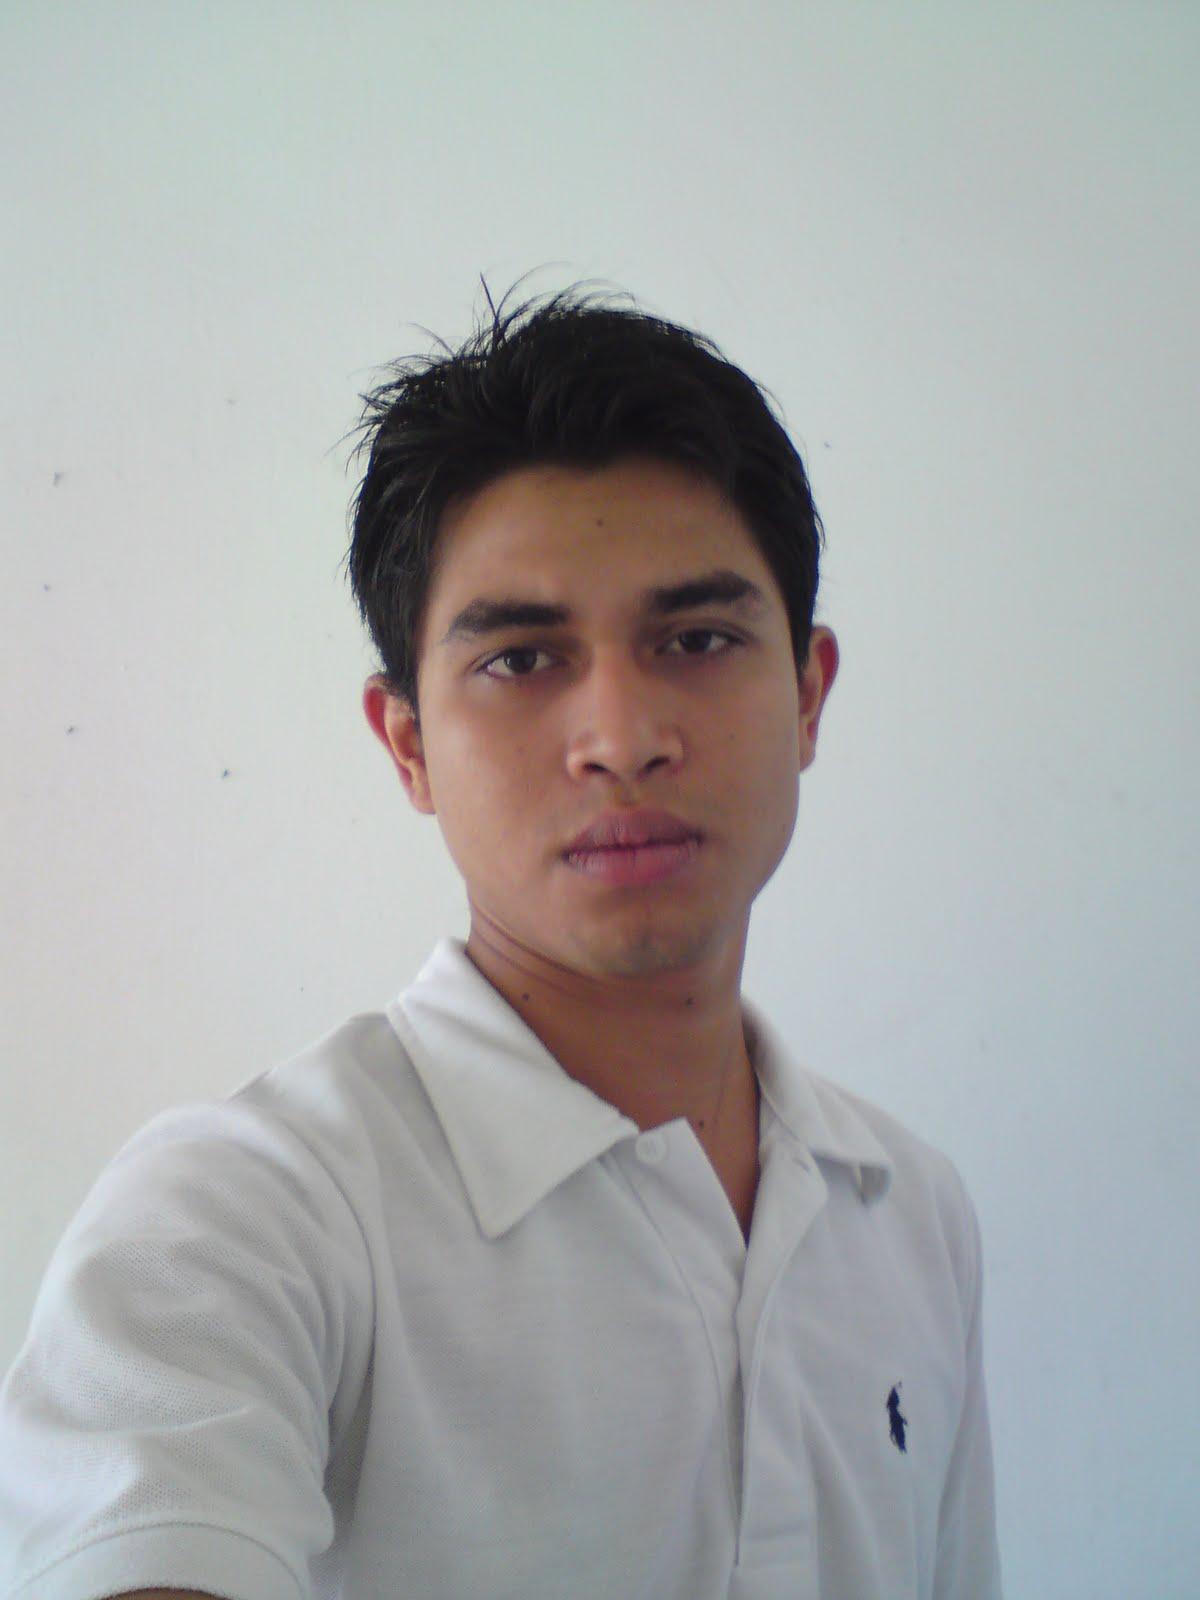 Mohd Thahar Bin Abdul Rahman